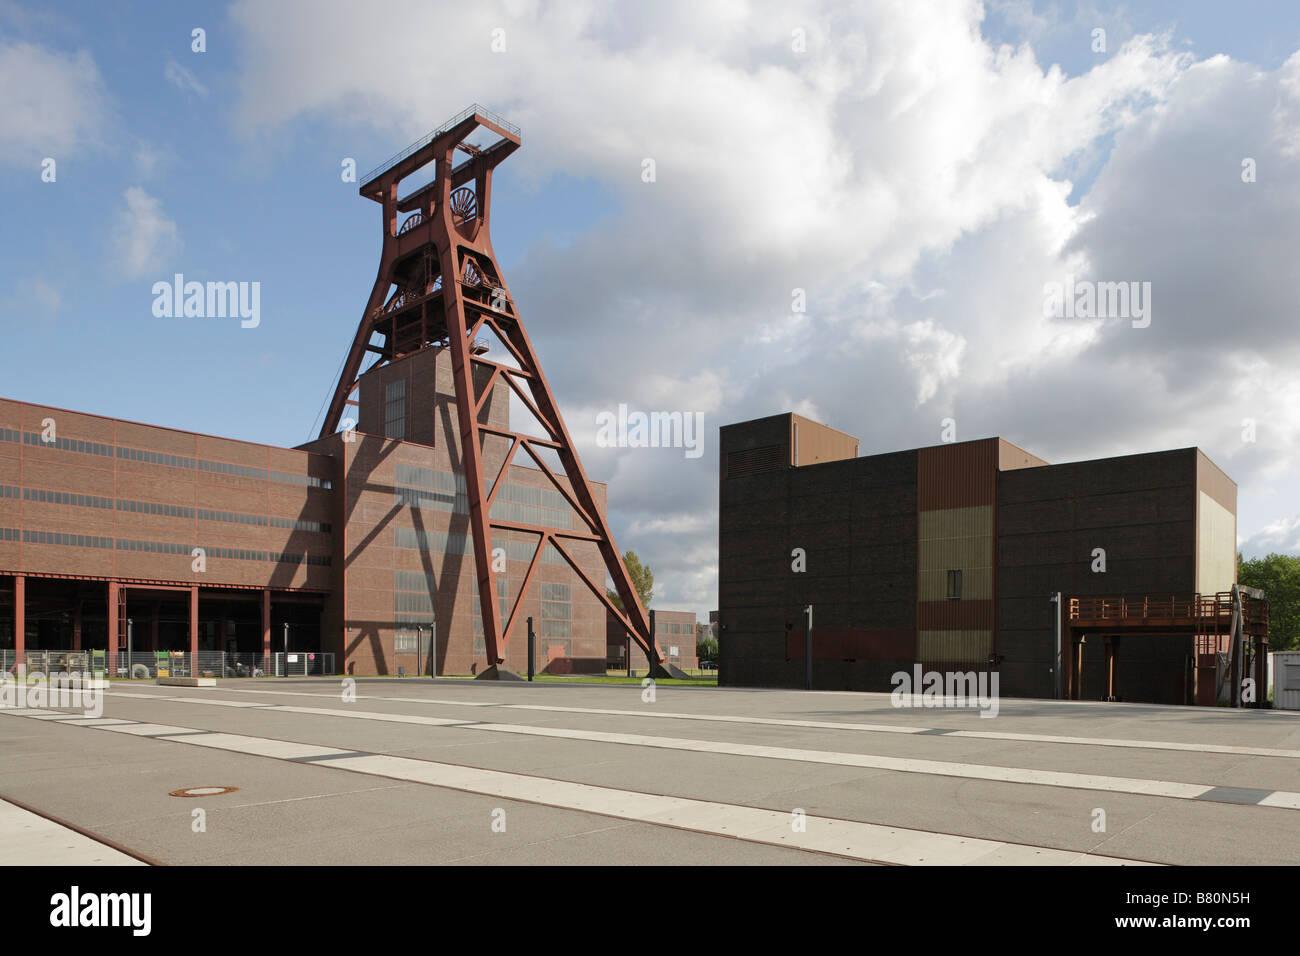 Essen, Zeche Zollverein, Zentraler Schacht XII, Förderturm - Stock Image